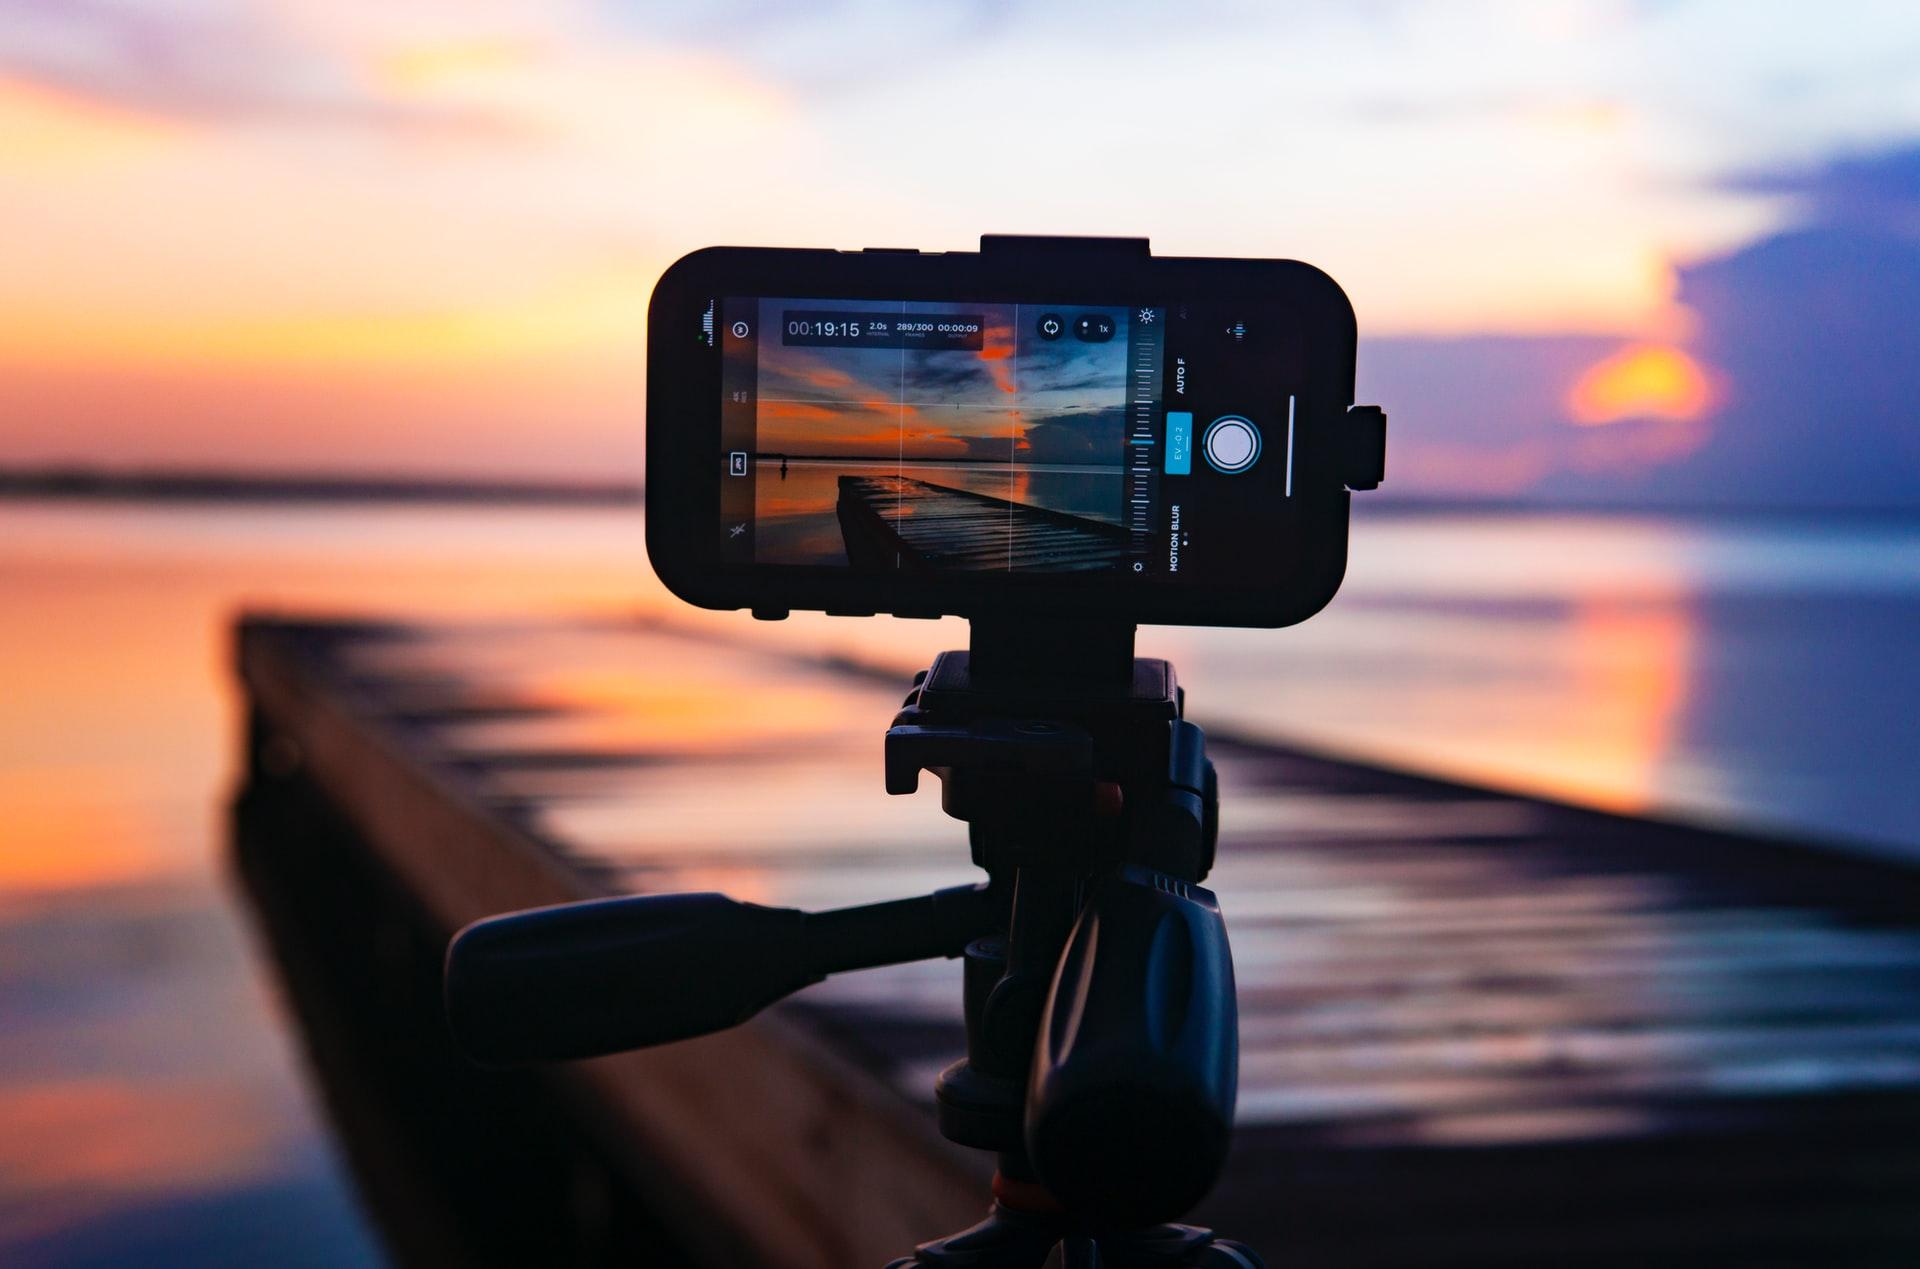 fotografía flash tripode cuadricula trucos fotos mejores alsa viajar